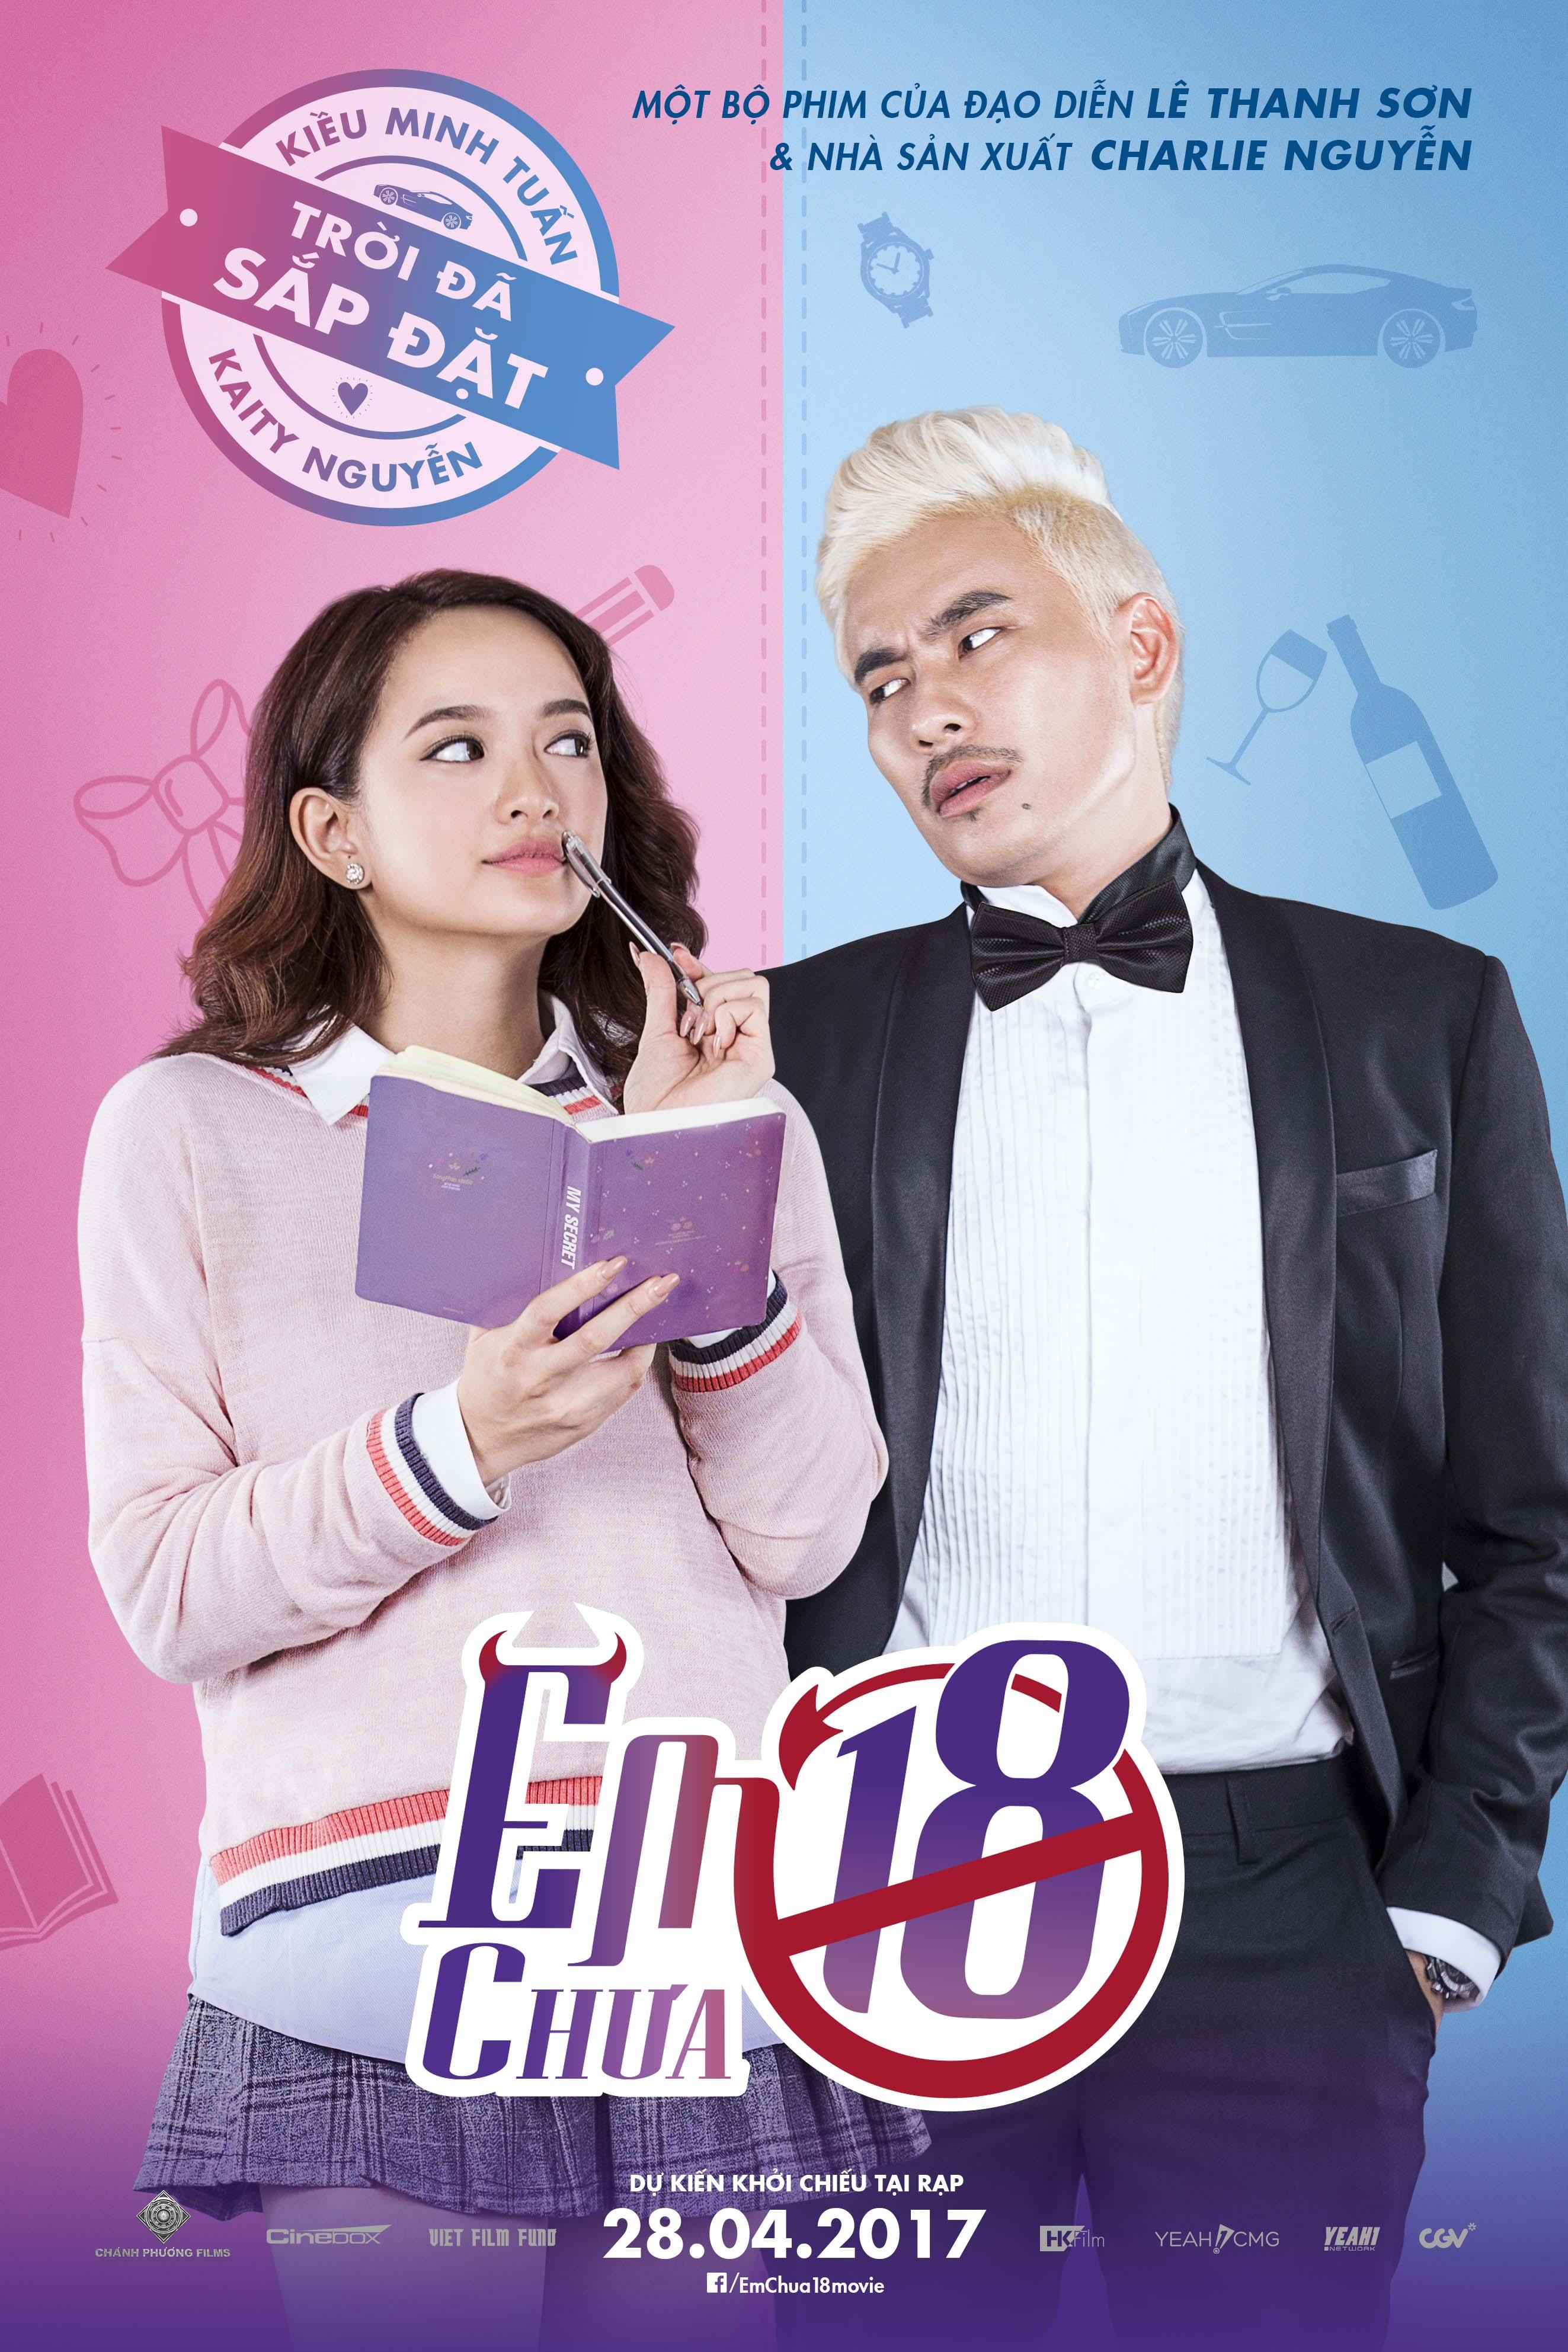 Phim mới của Will 365 và Châu Bùi bung lụa với dàn diễn viên triệu view